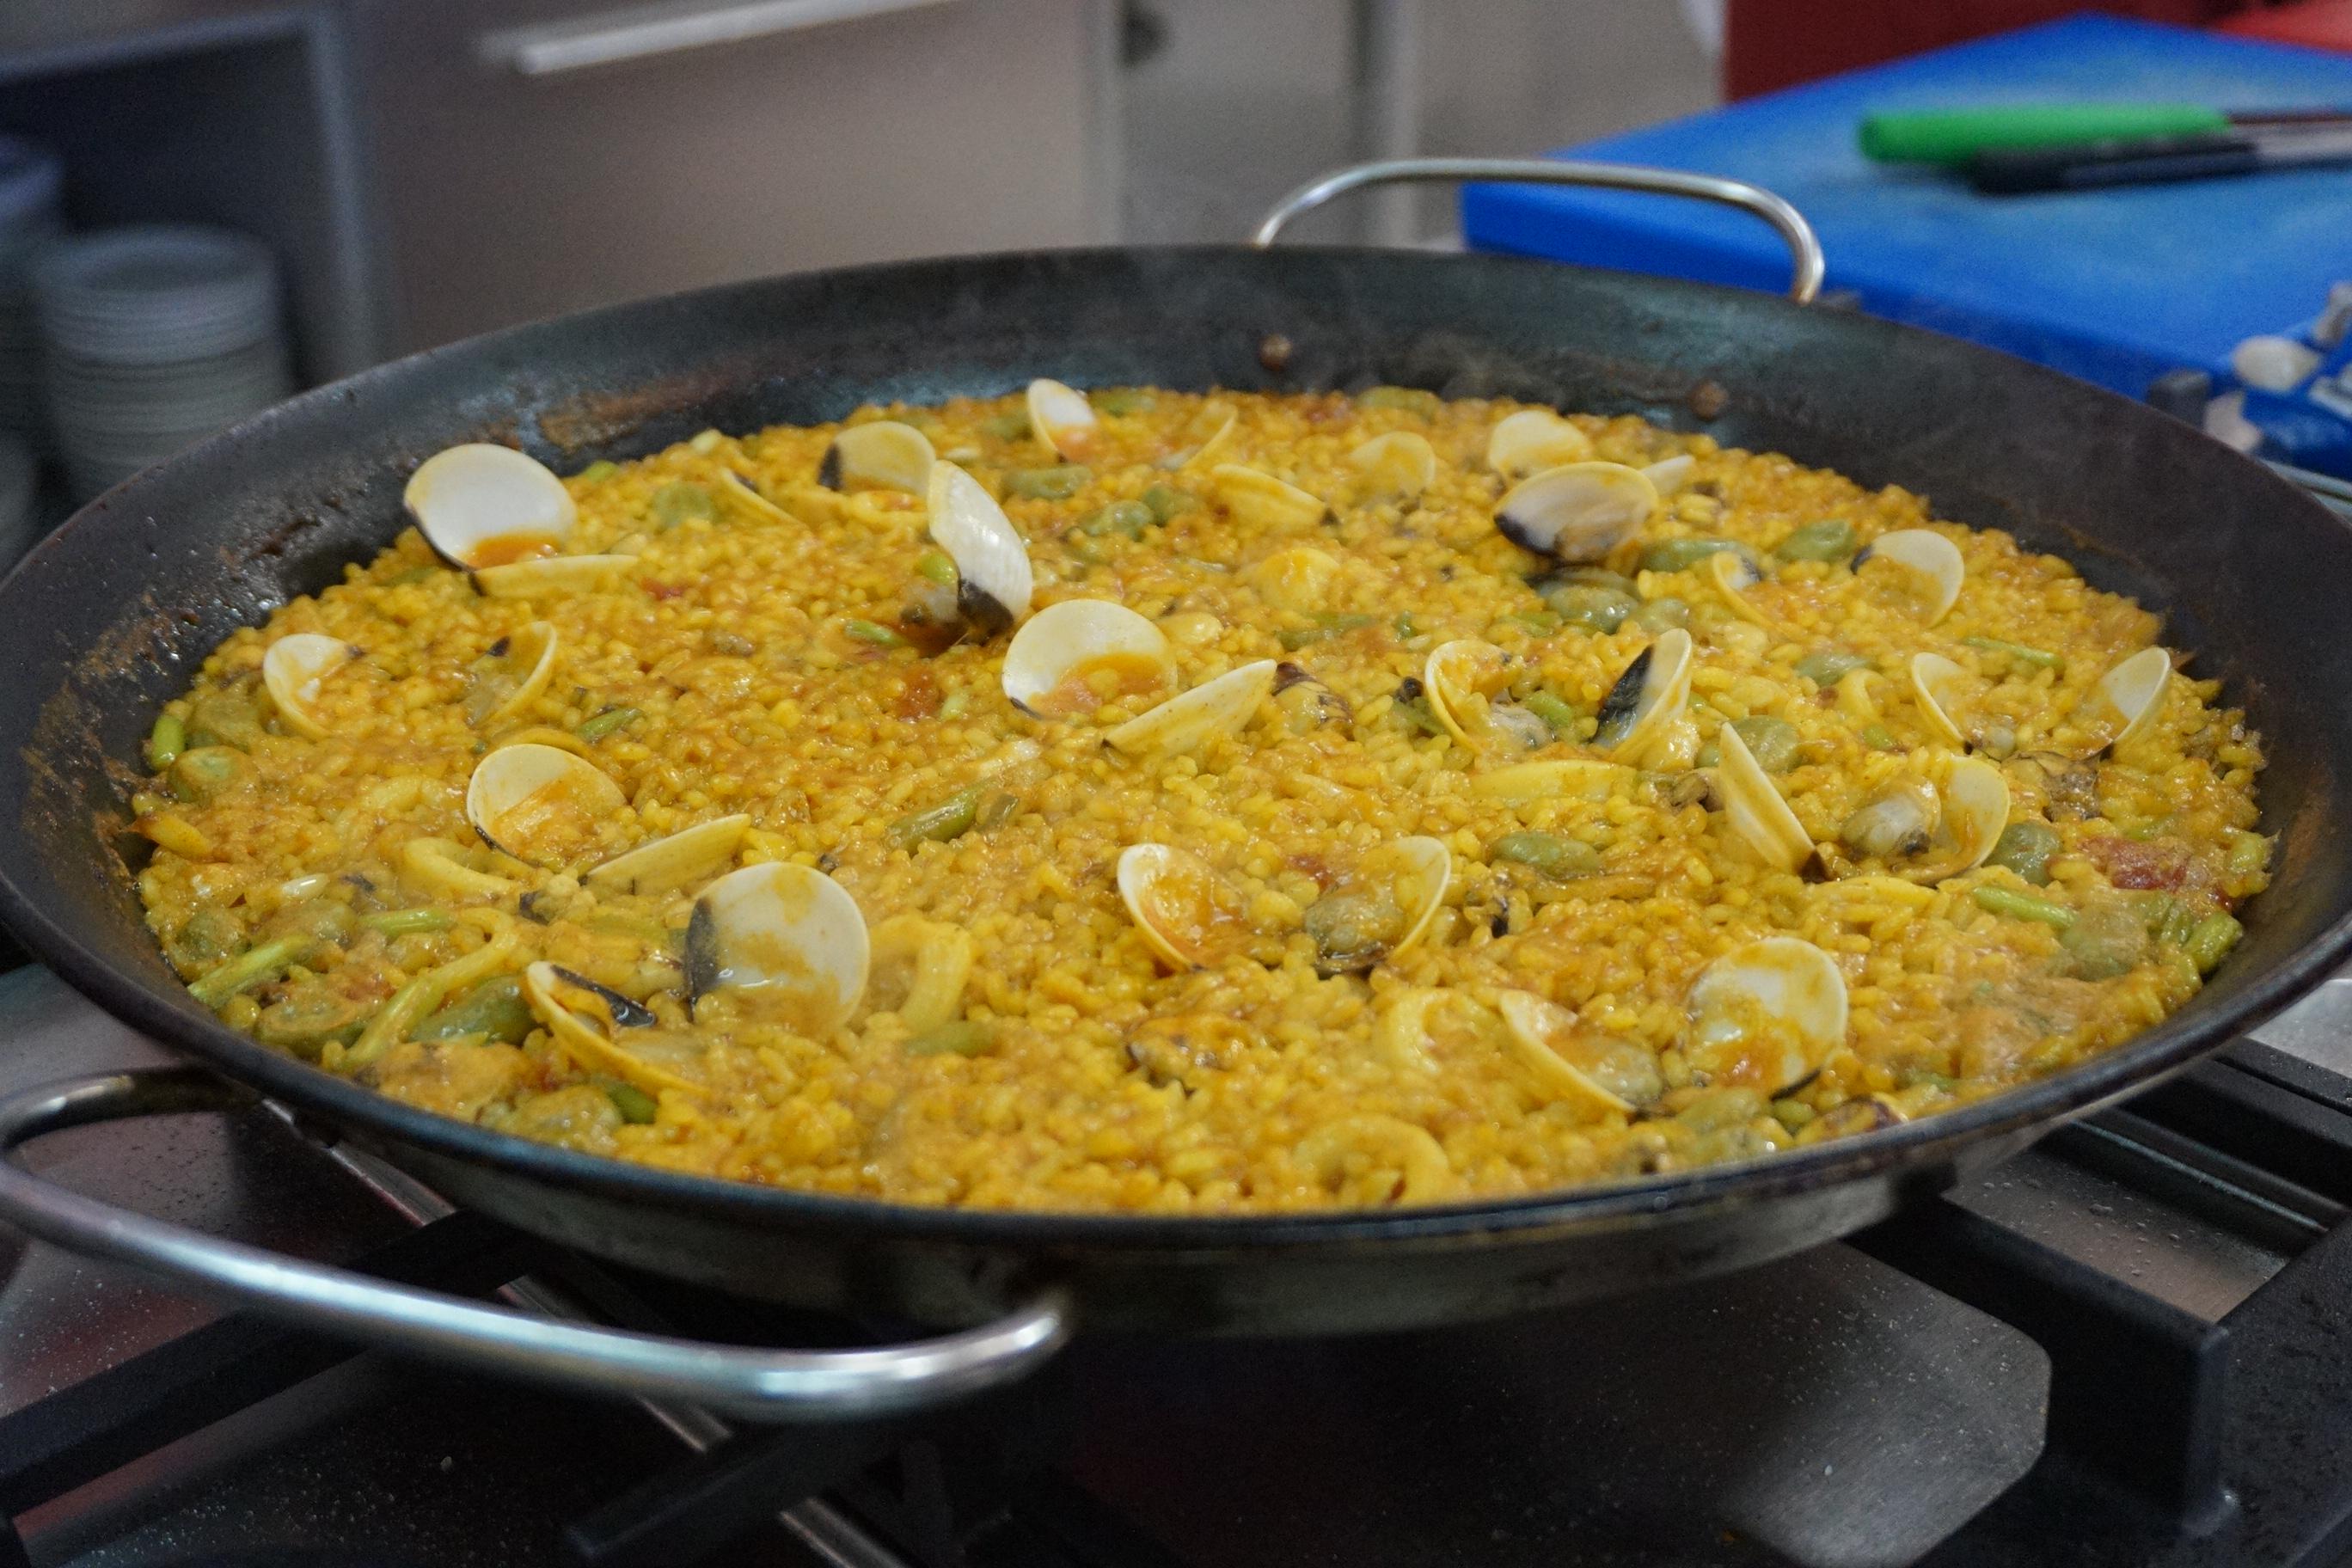 Arroz de pescado f cil y r pido con pescado congelado torry harris - Cocinar pescado congelado ...